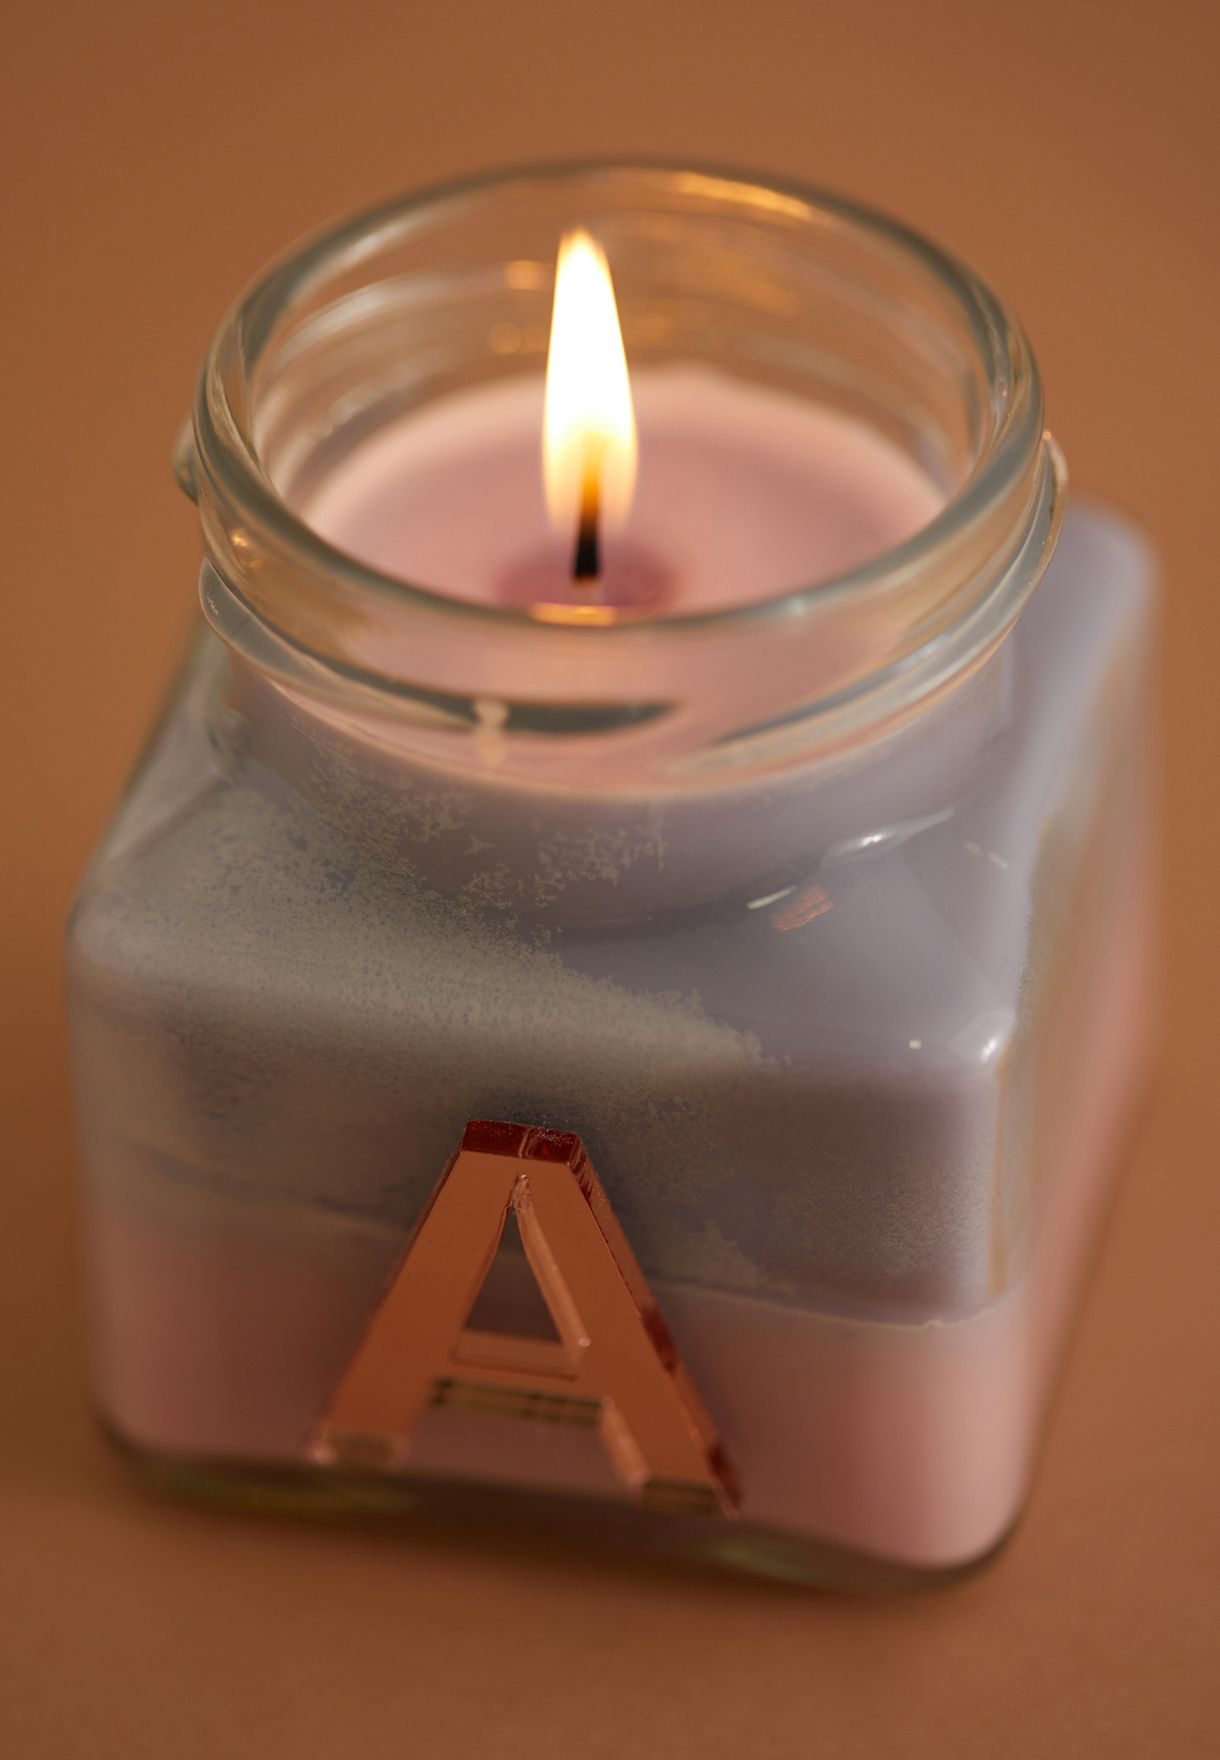 Vanilla Ylang Ylang Initial A Candle